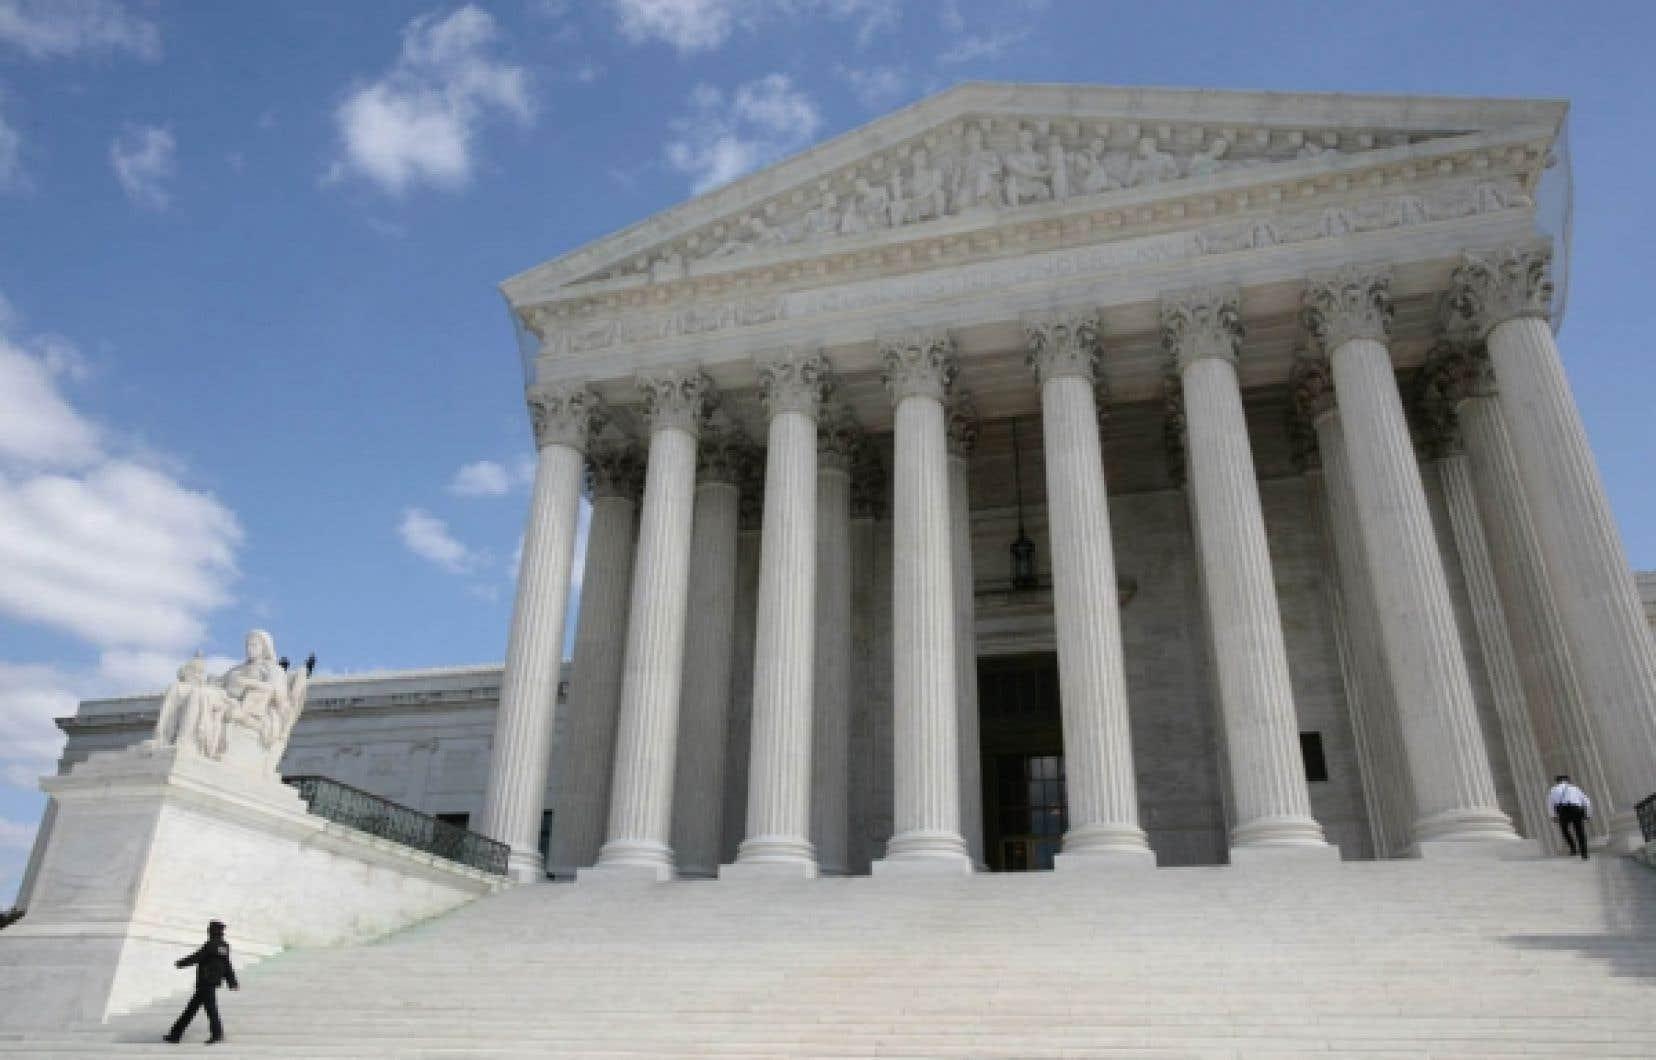 La Cour suprême des États-Unis, à Washington. La pensée juridique américaine essaime aujourd'hui largement dans l'établissement du droit collectif et individuel.<br />